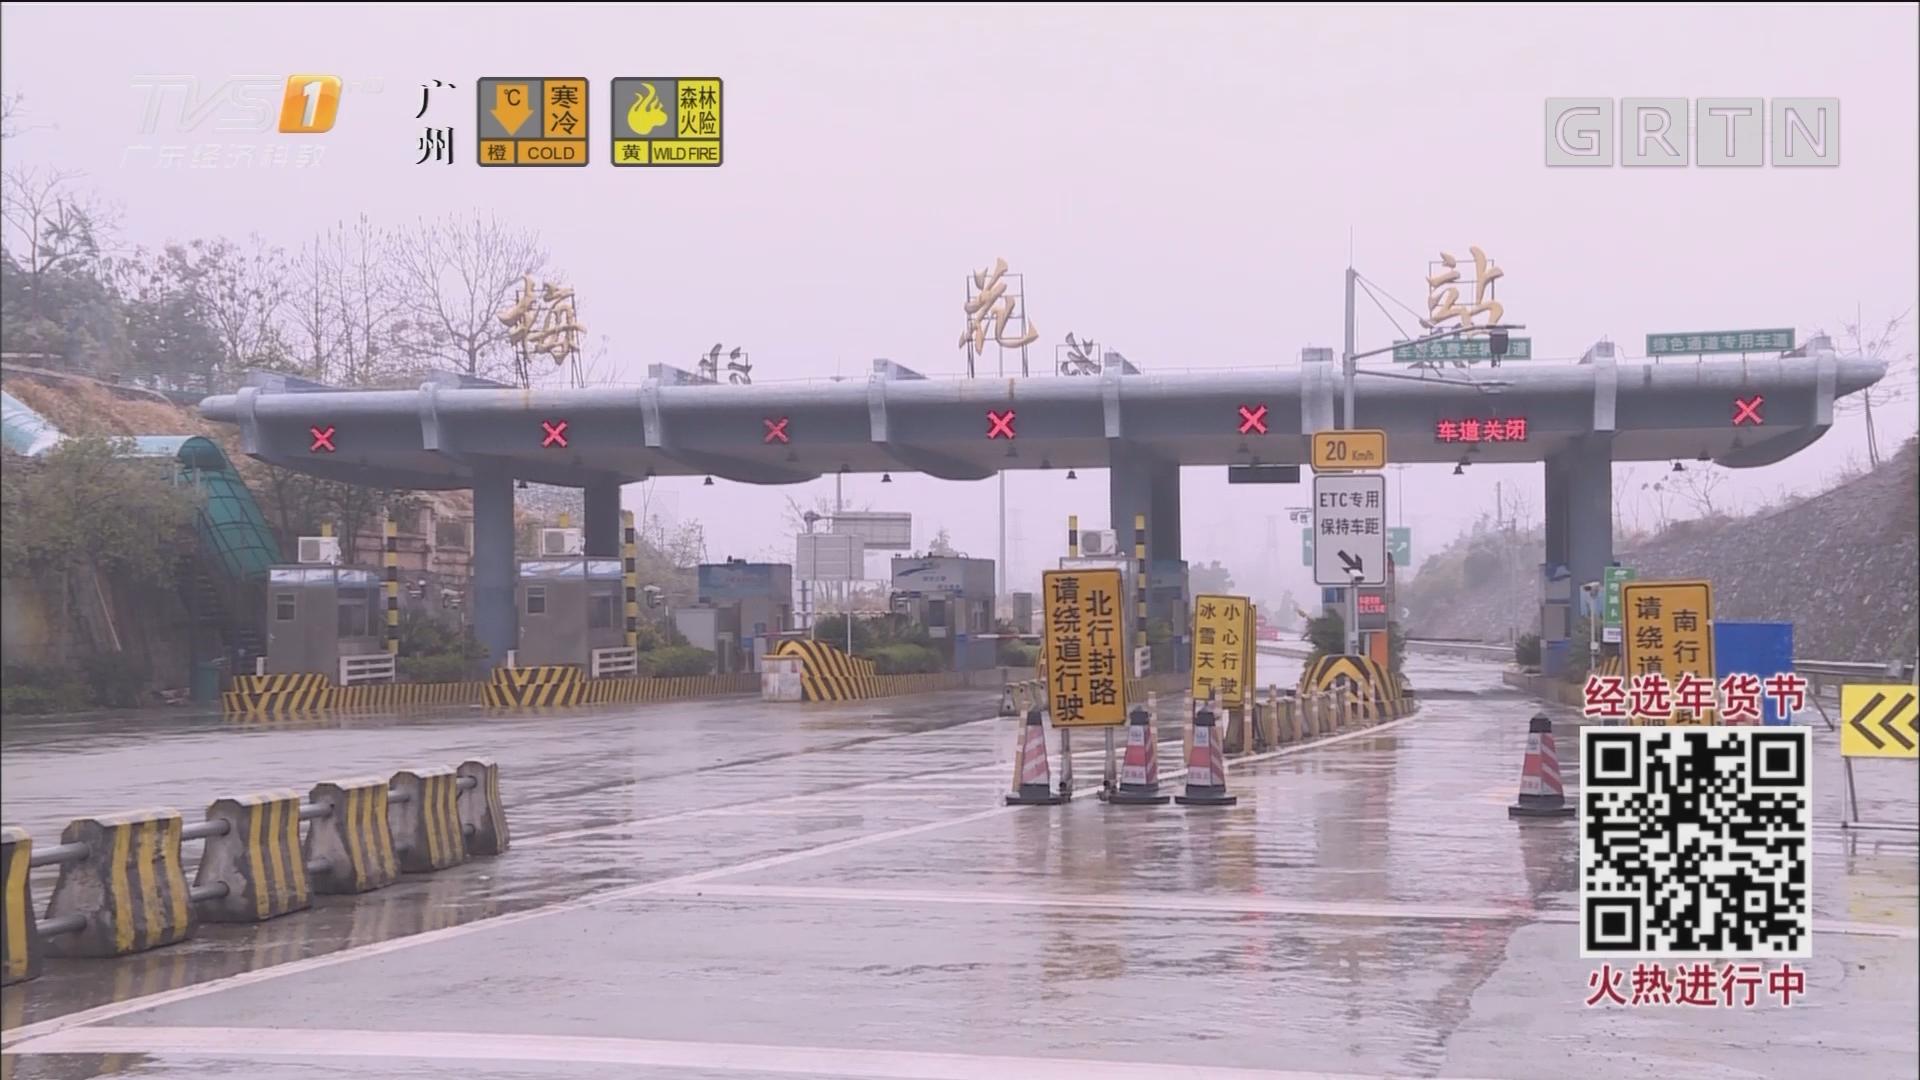 中断一周多 京珠北高速北行全线解封